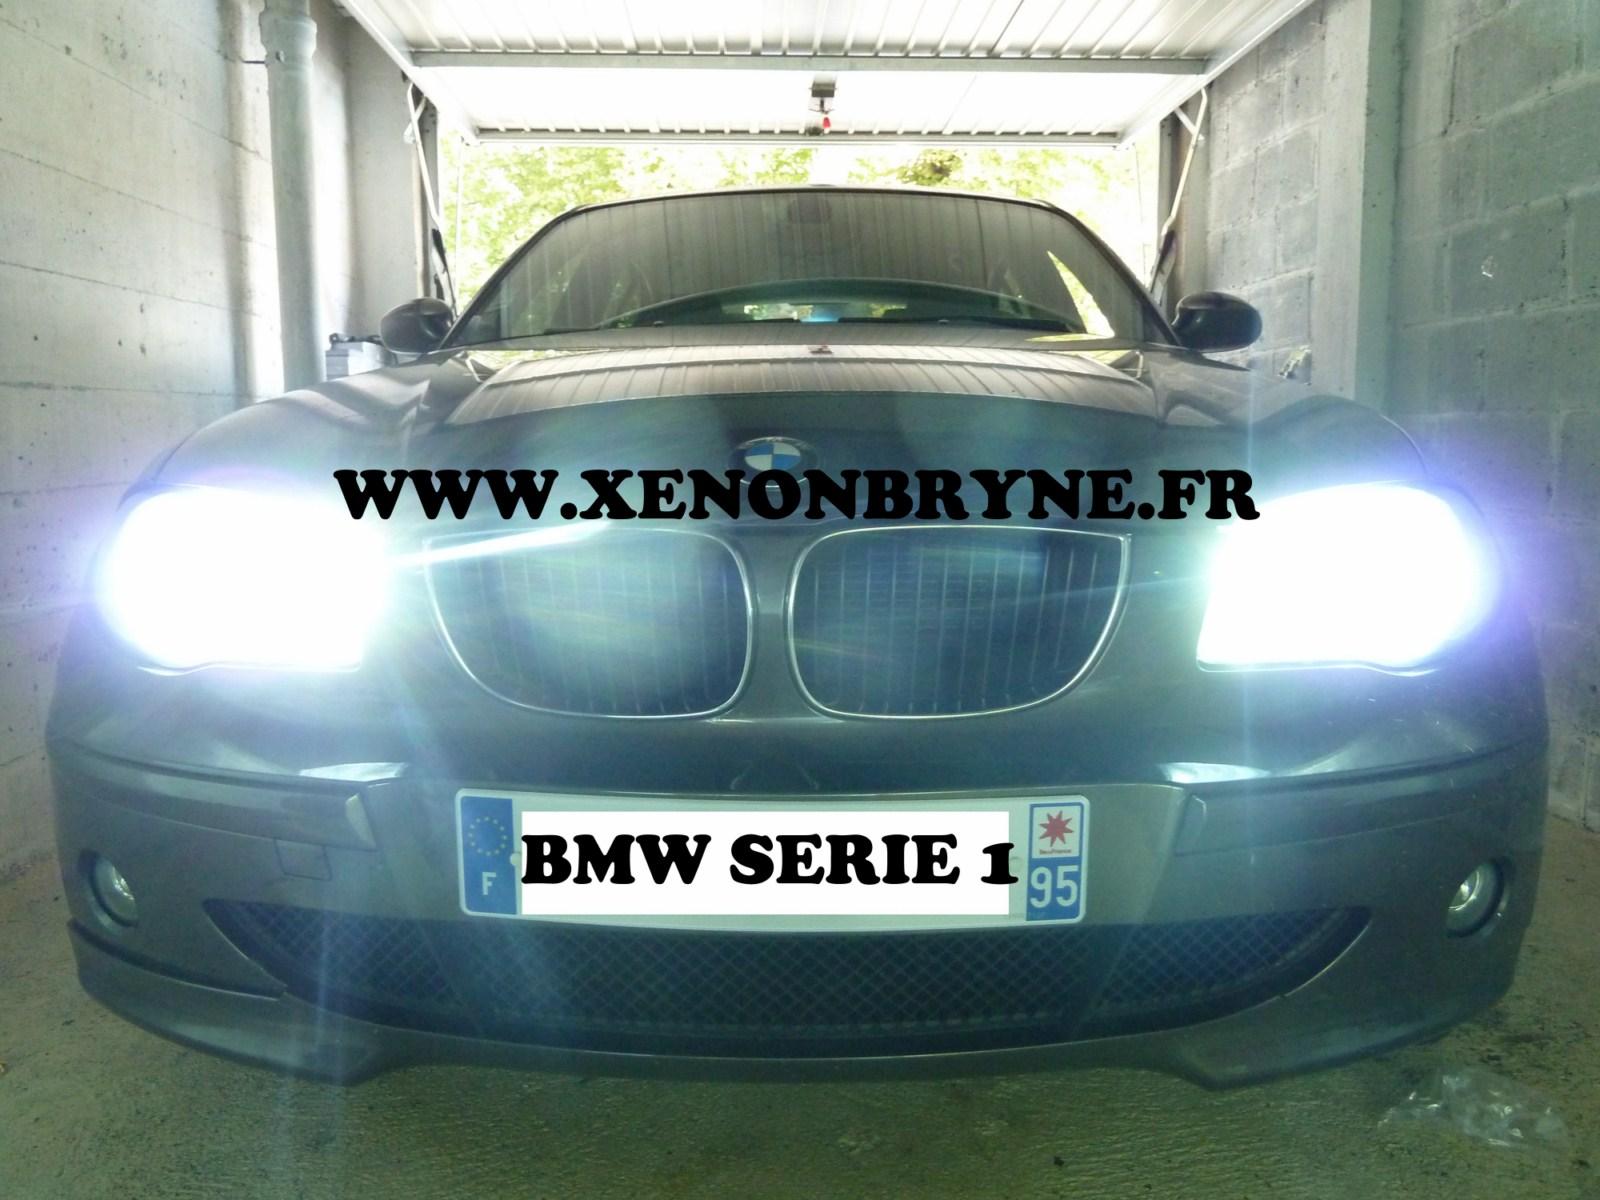 photo de réalisation de l'installation xenon sur BMW